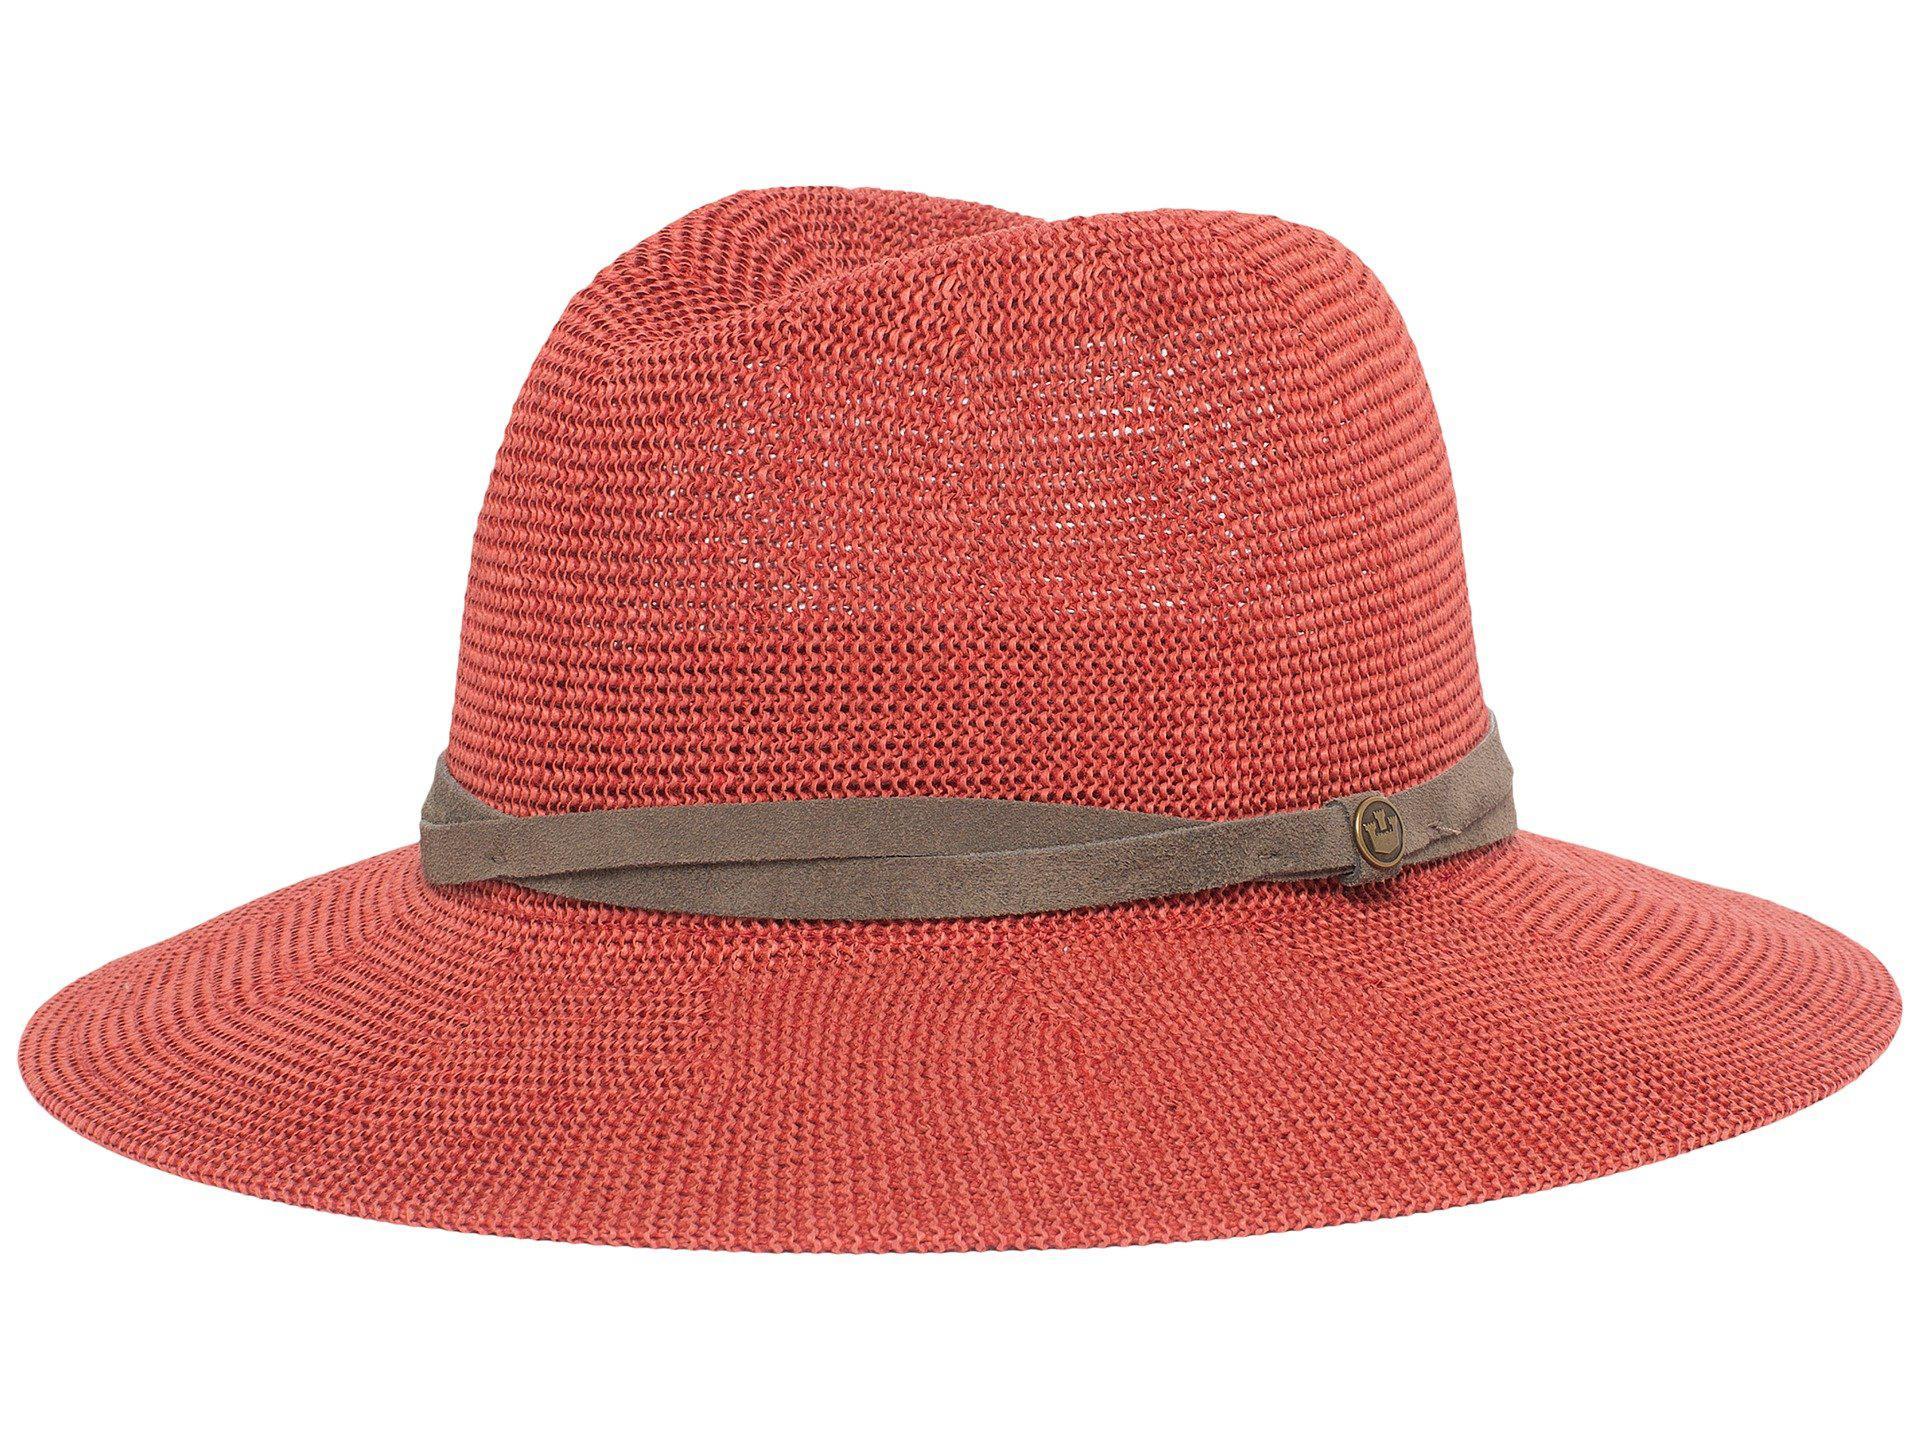 6884f83c8b9b3 Lyst - Goorin Bros Fatima (coral) Caps in Red - Save 2%